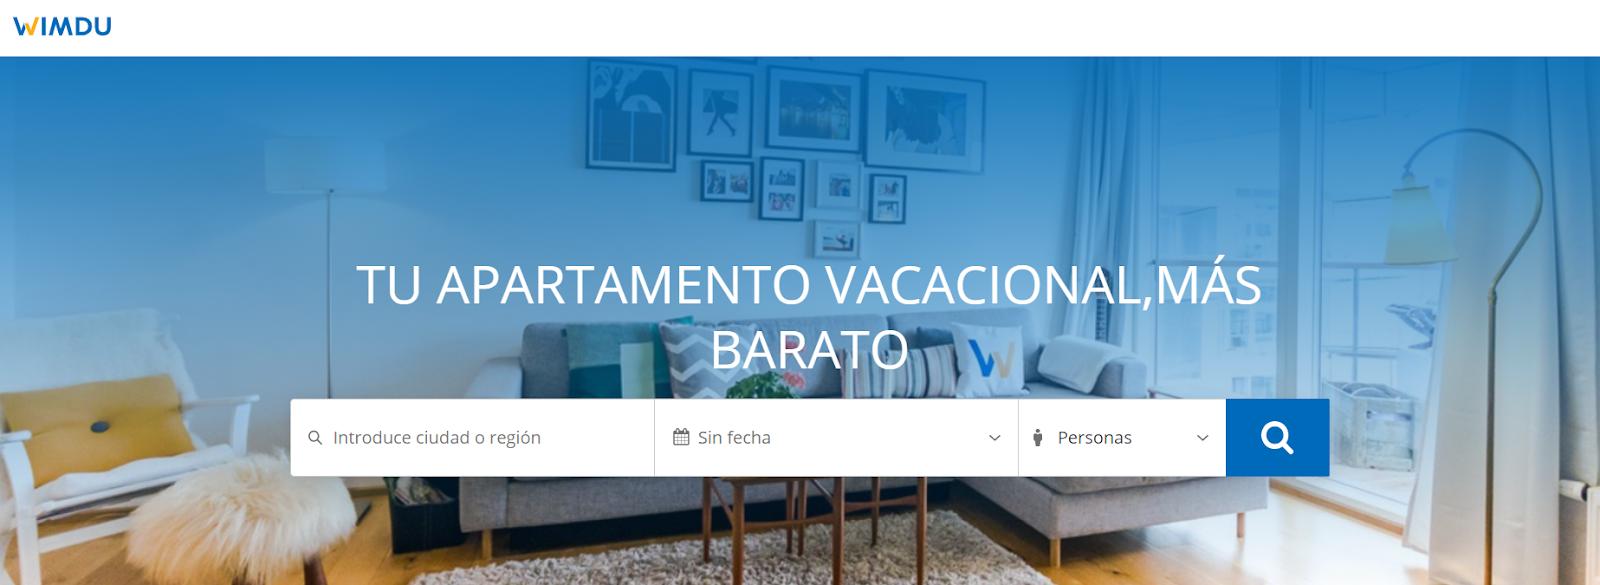 alternativas a Airbnb Wimdu